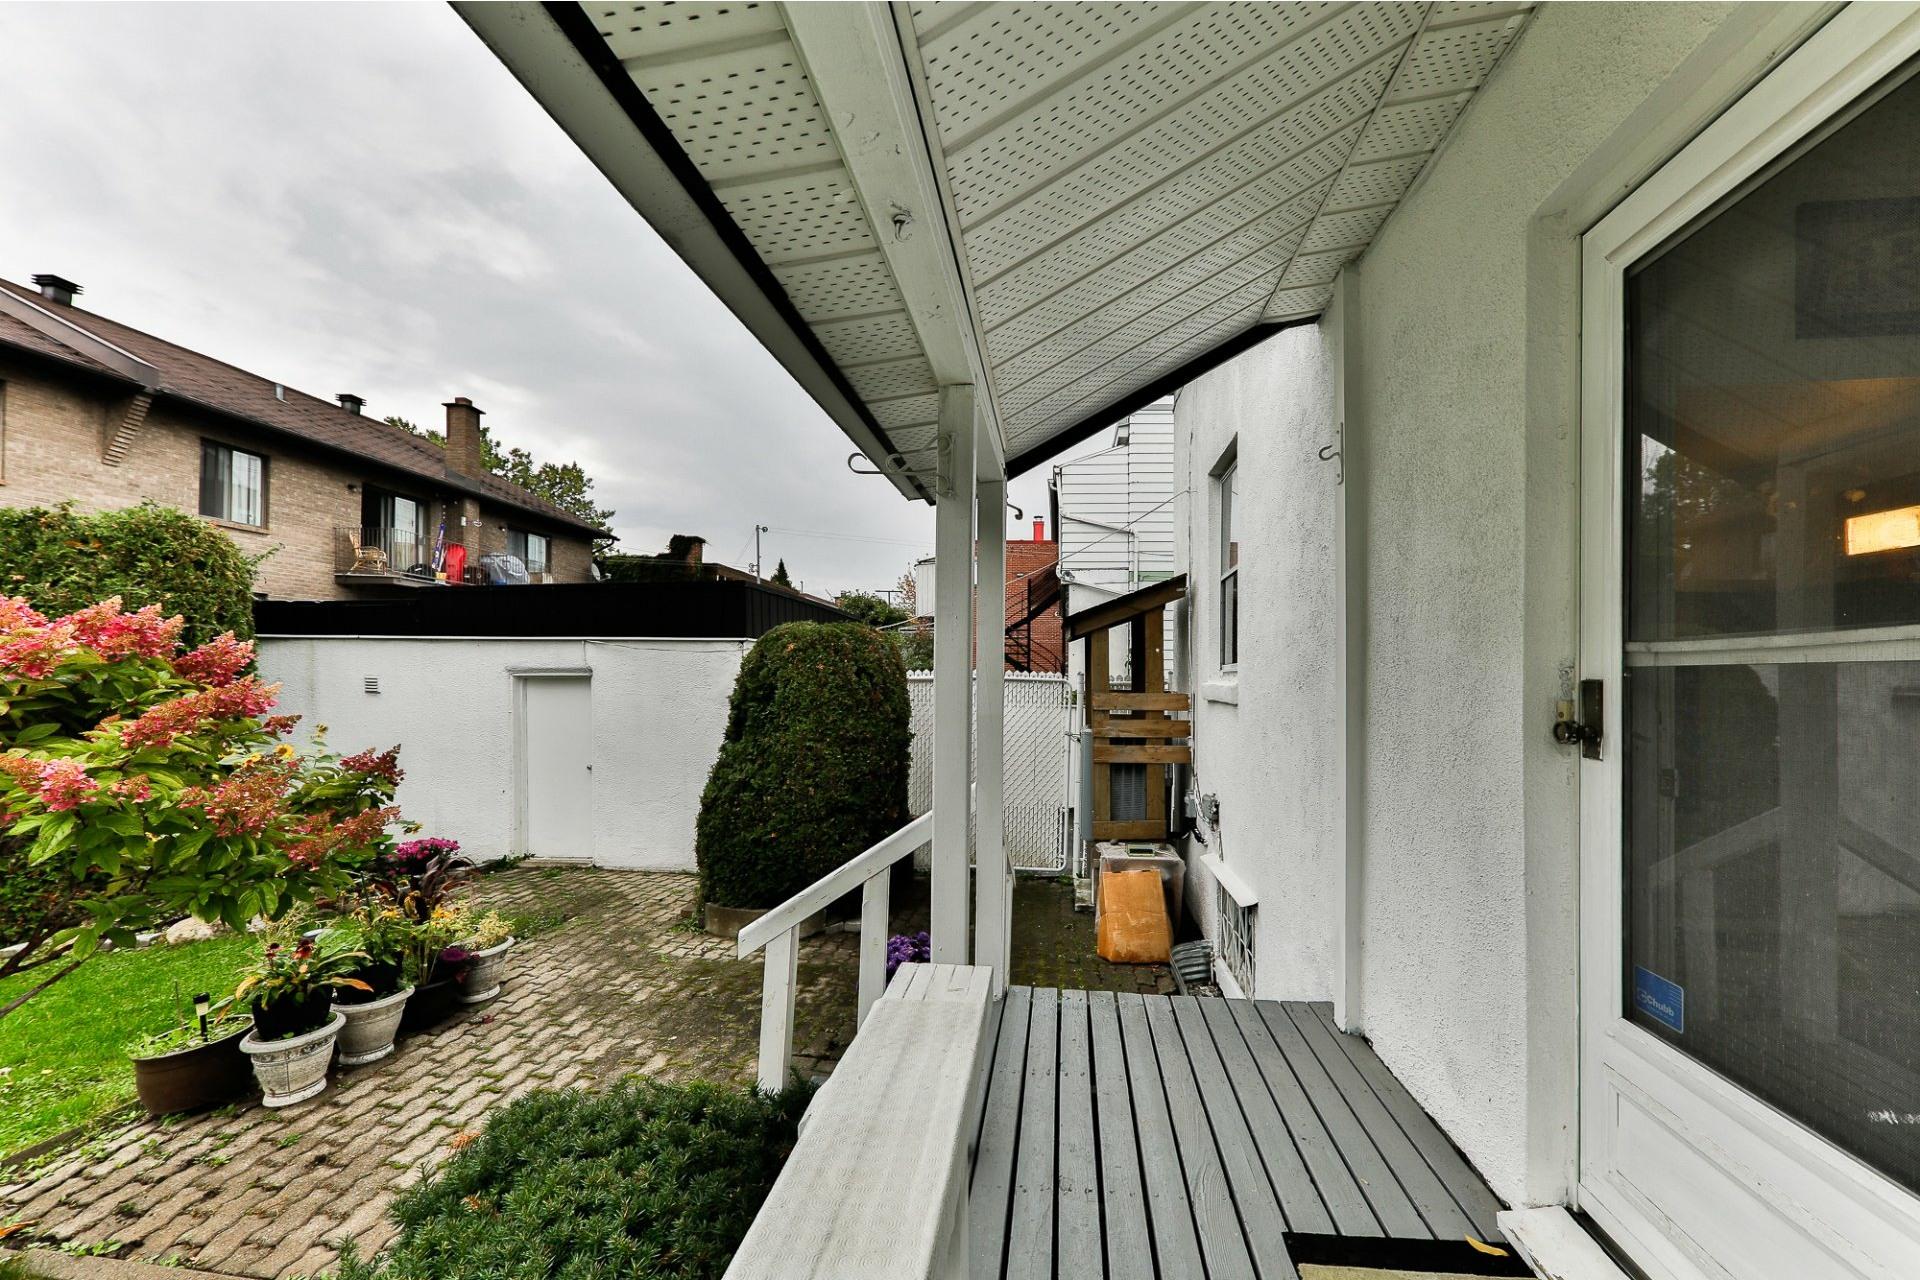 image 5 - Maison À vendre Ahuntsic-Cartierville Montréal  - 8 pièces